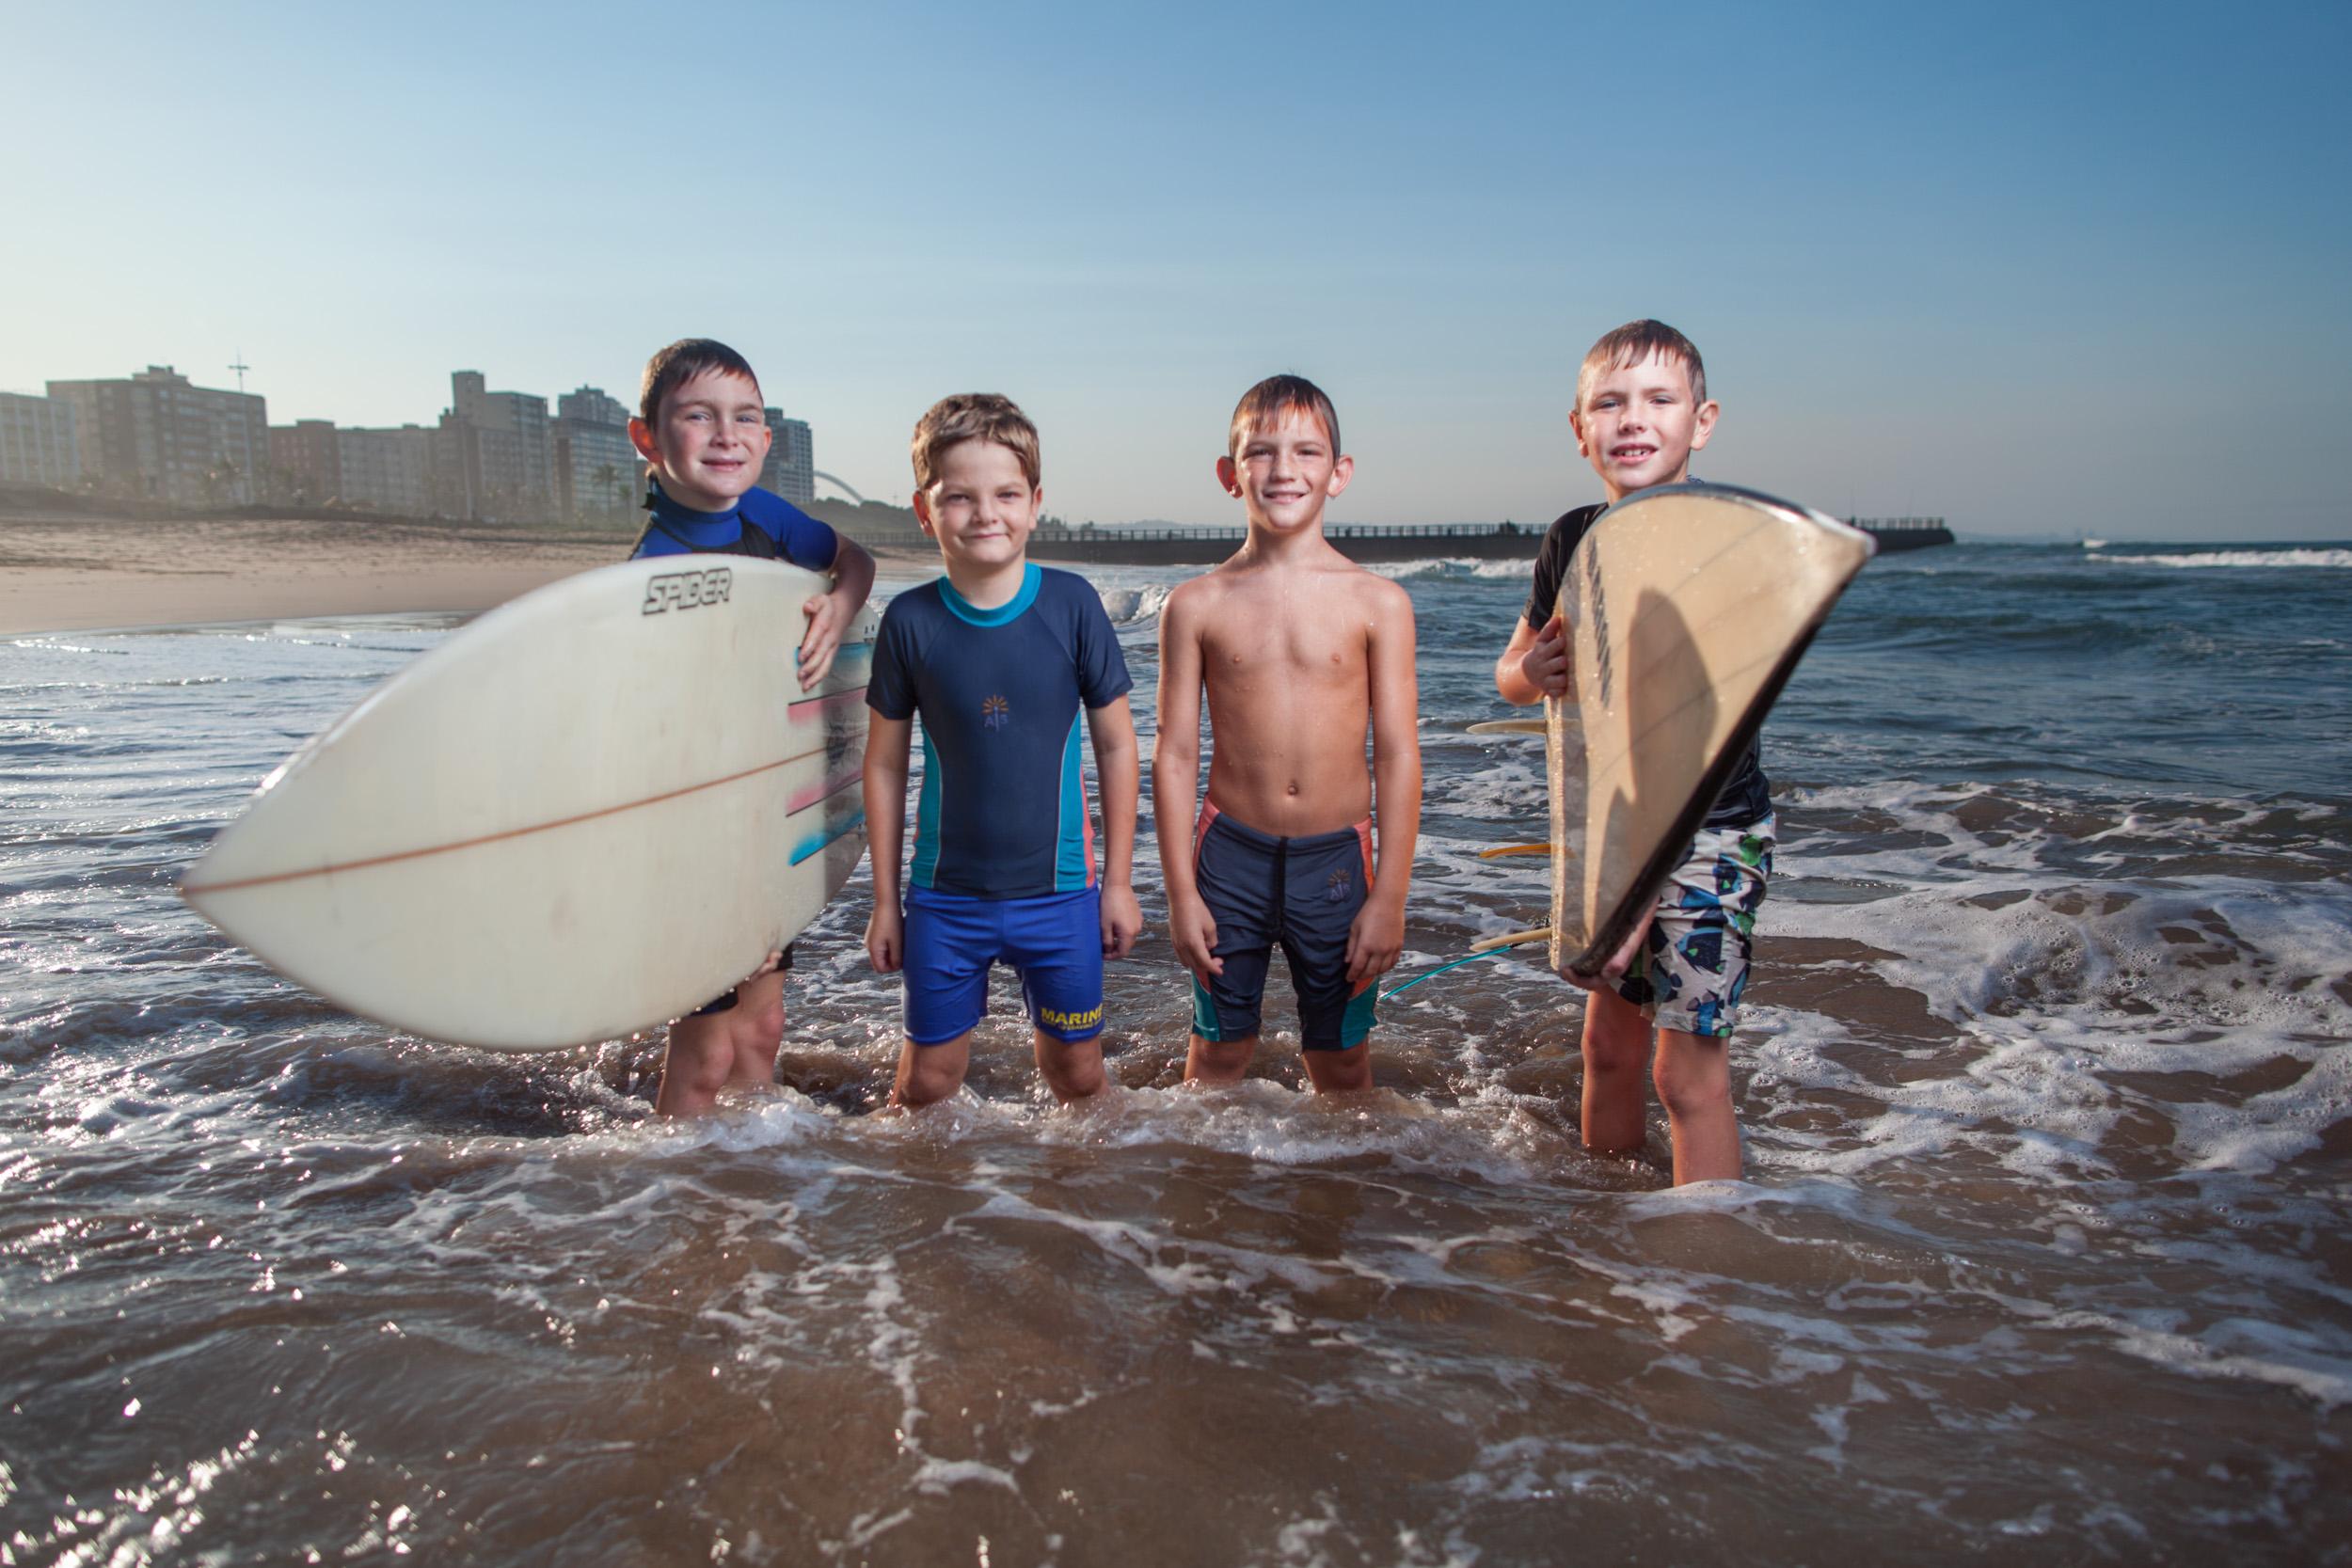 Seth, Caleb, Calbe and Eli